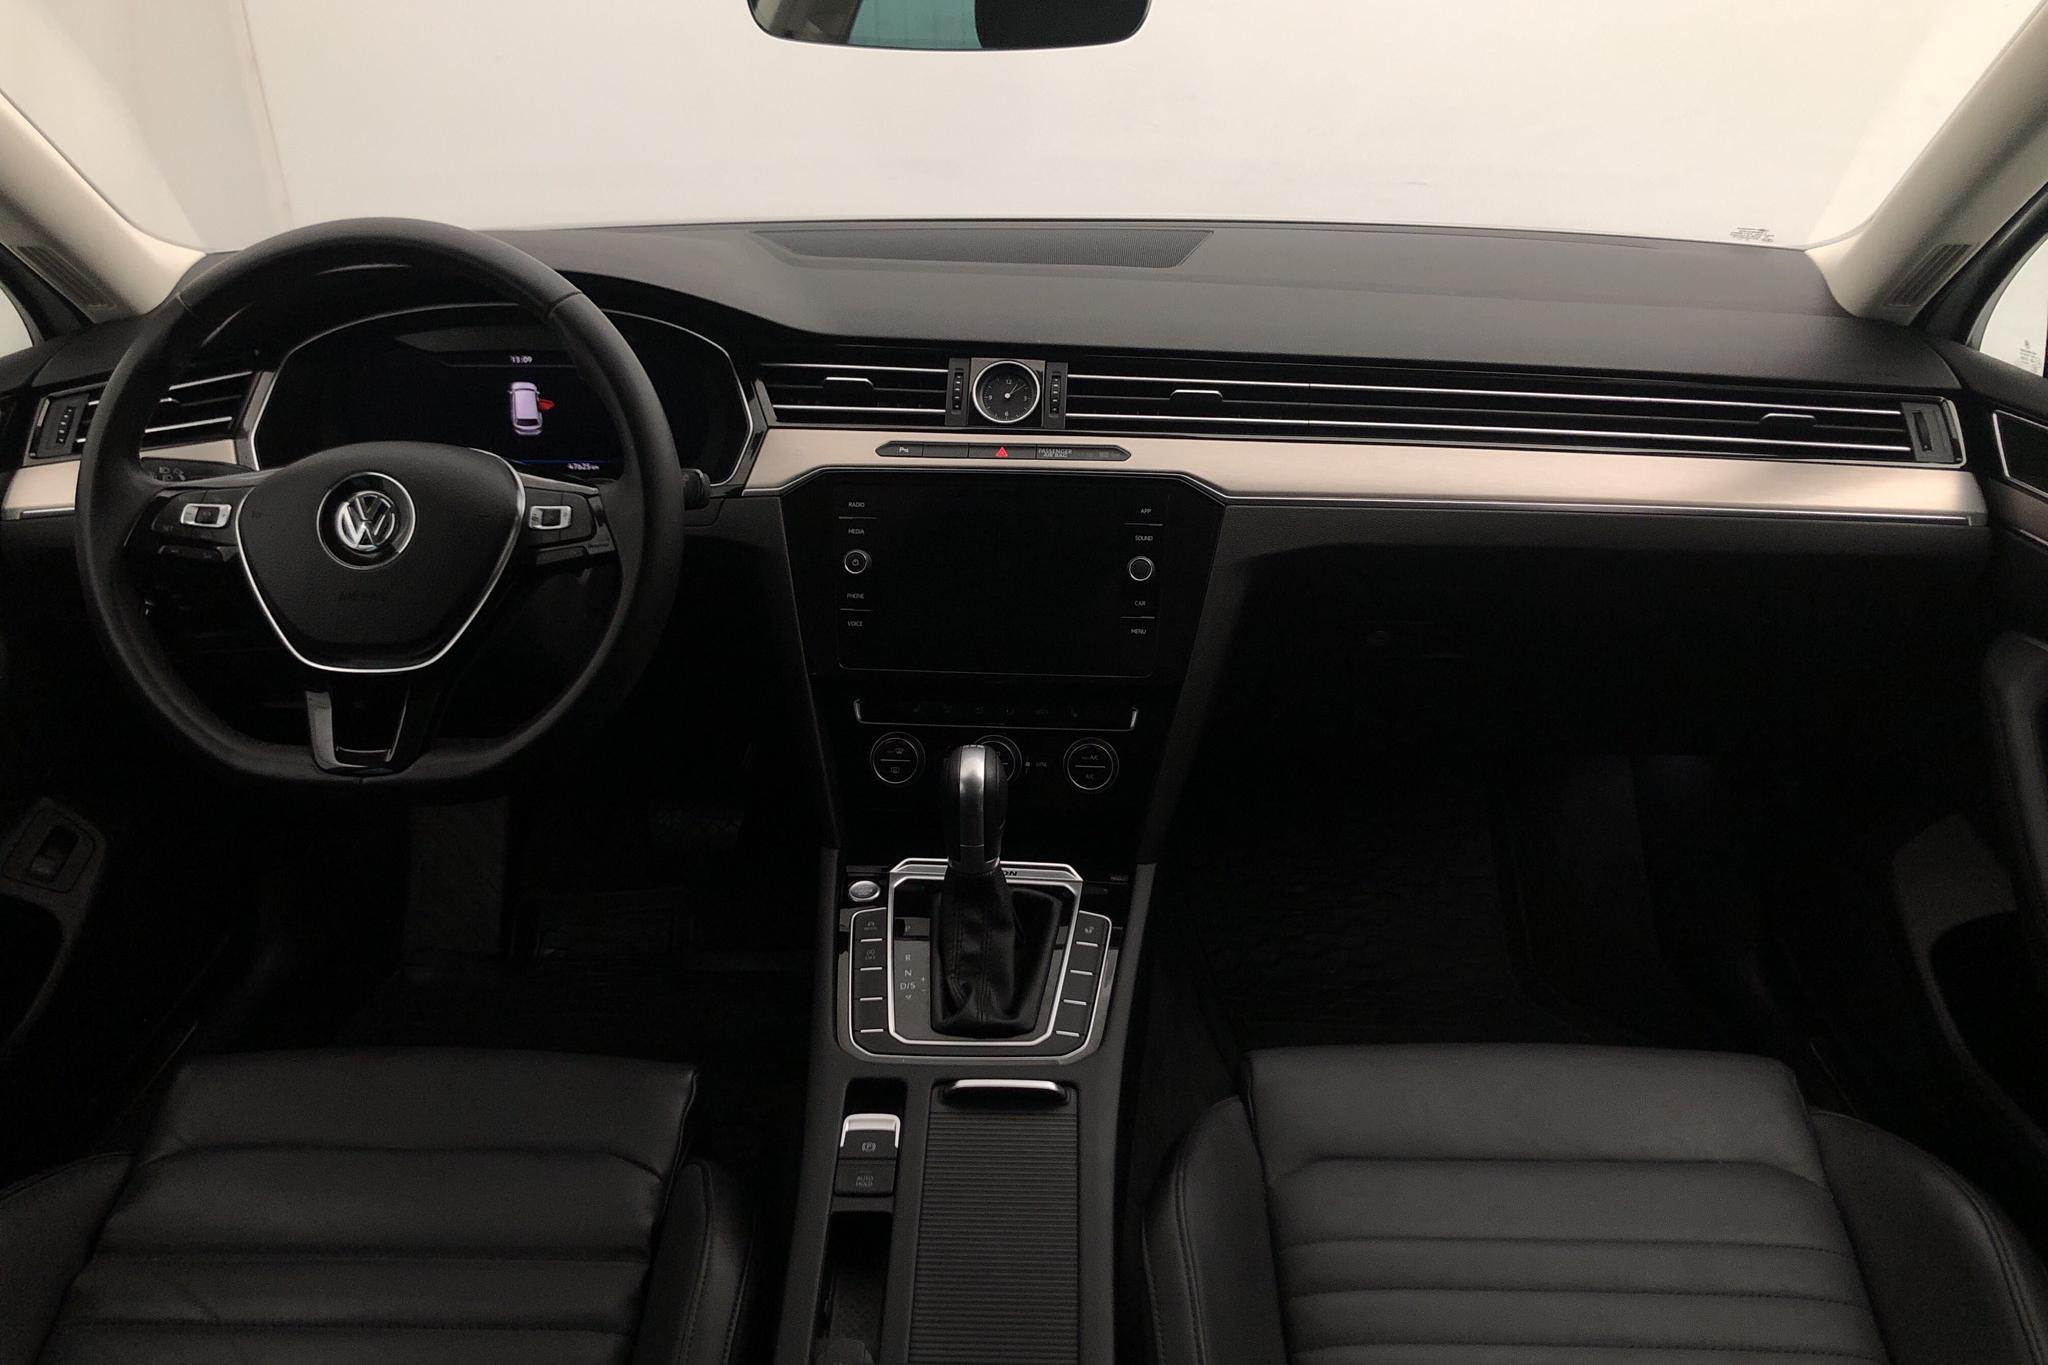 VW Passat 2.0 TDI Sportscombi 4MOTION (190hk) - 4 762 mil - Automat - vit - 2018